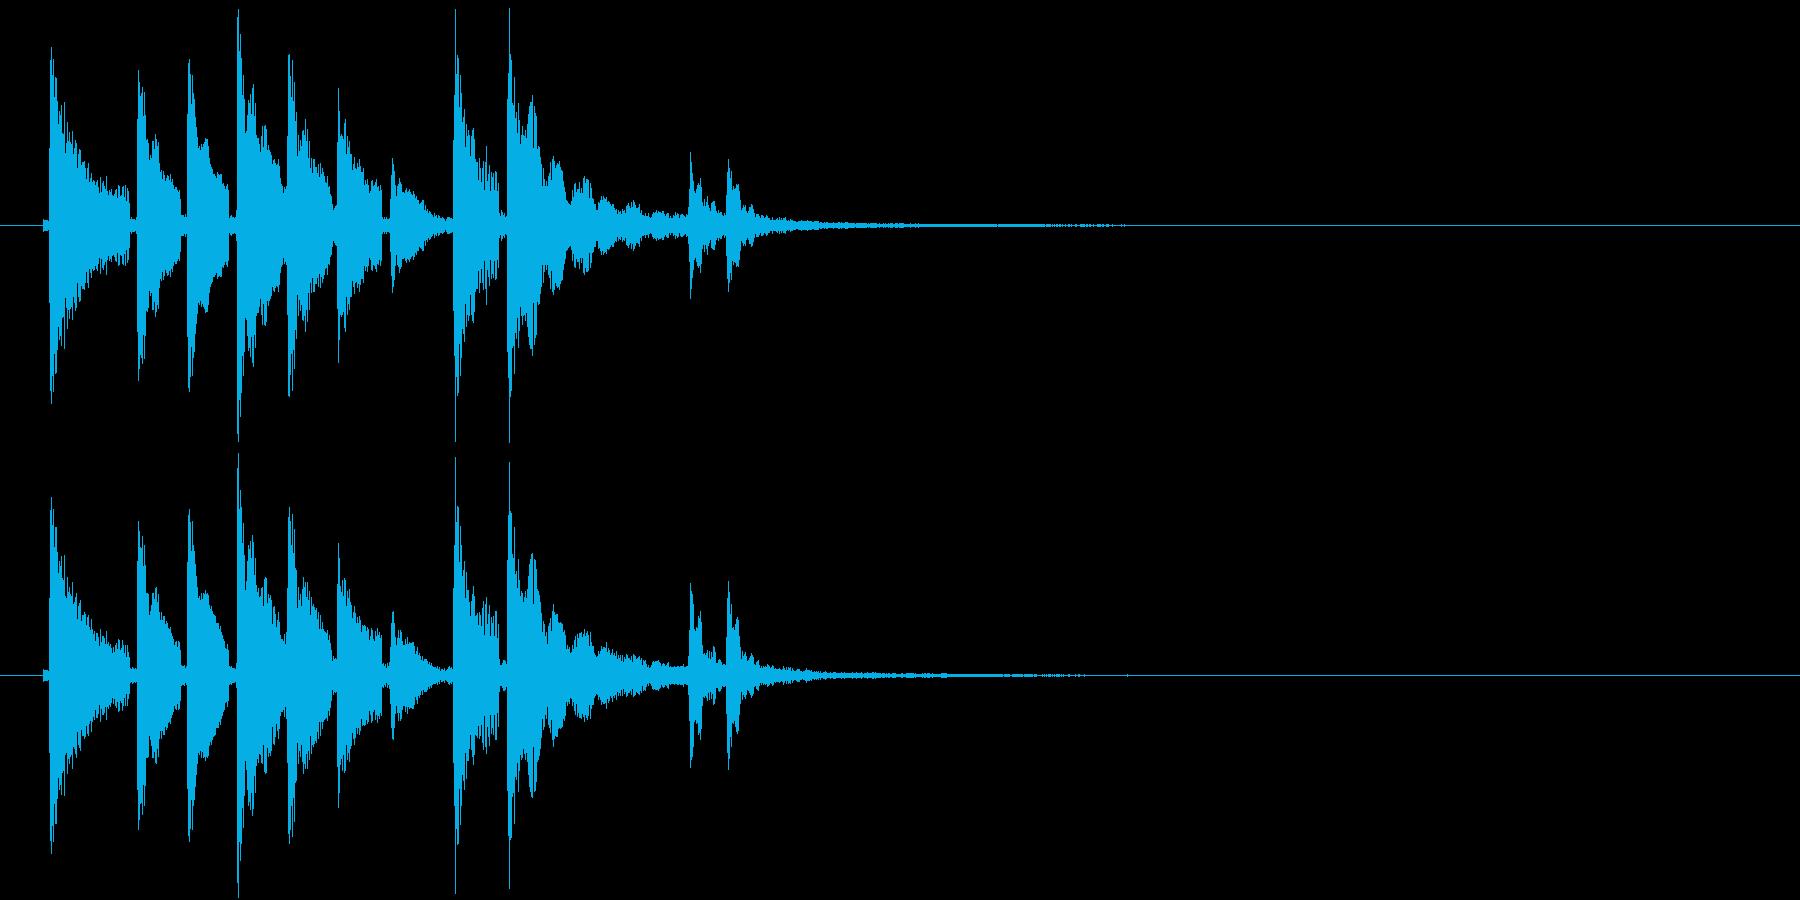 和風ゲーム系ジングルの再生済みの波形